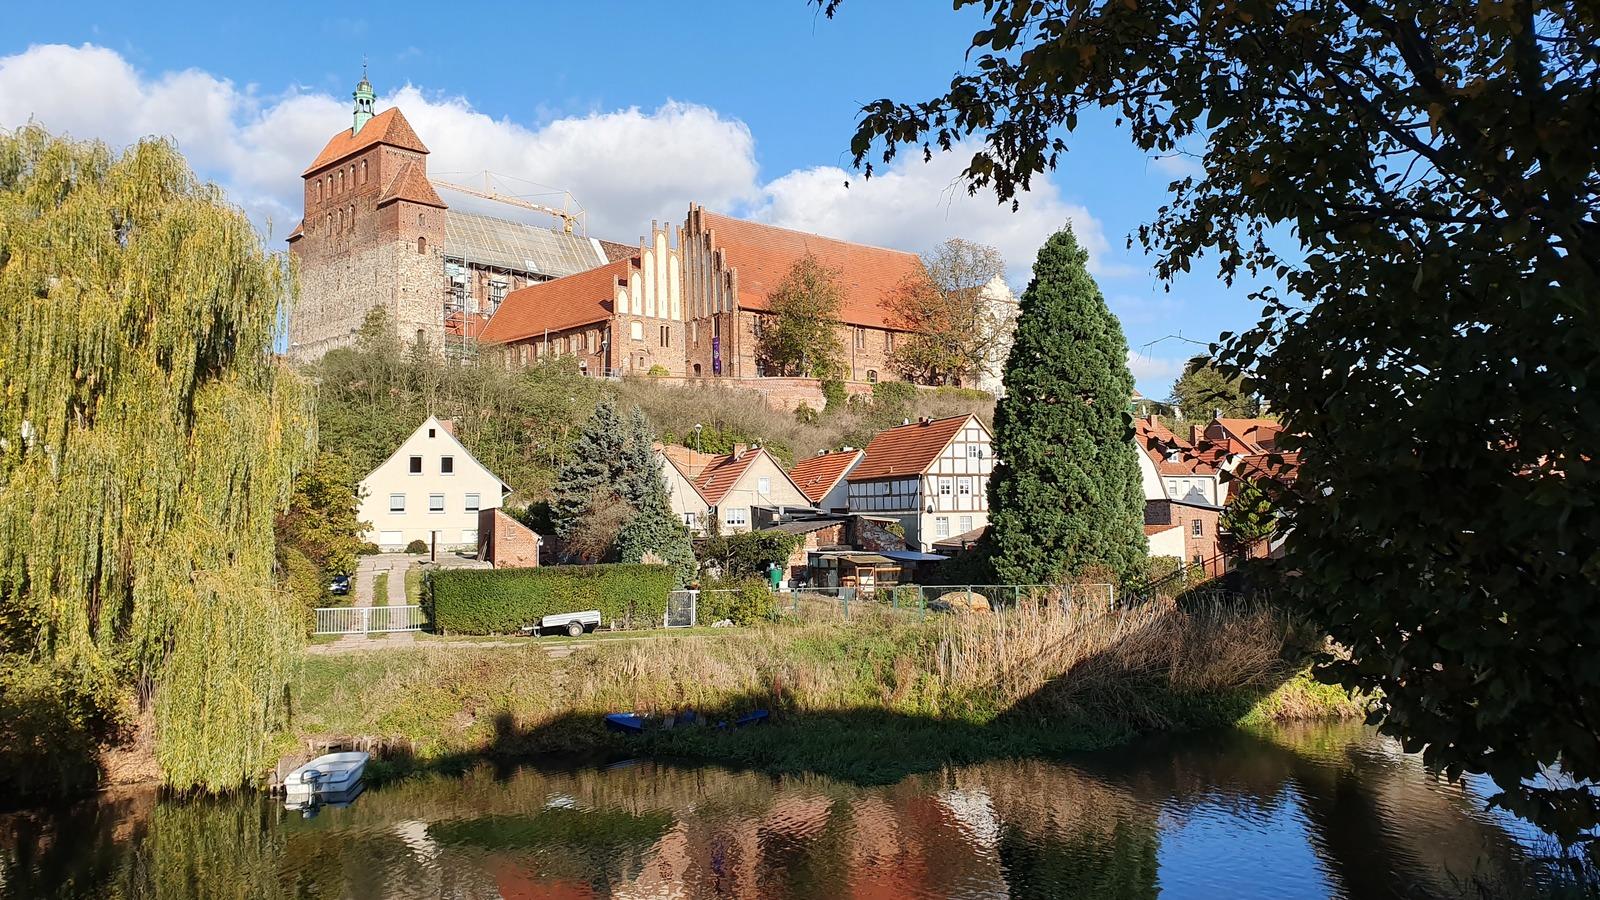 Der Dom von Havelberg hat viele Sagen und Legenden zu bieten, aber auch 900 Jahre Geschichte und Architektur.